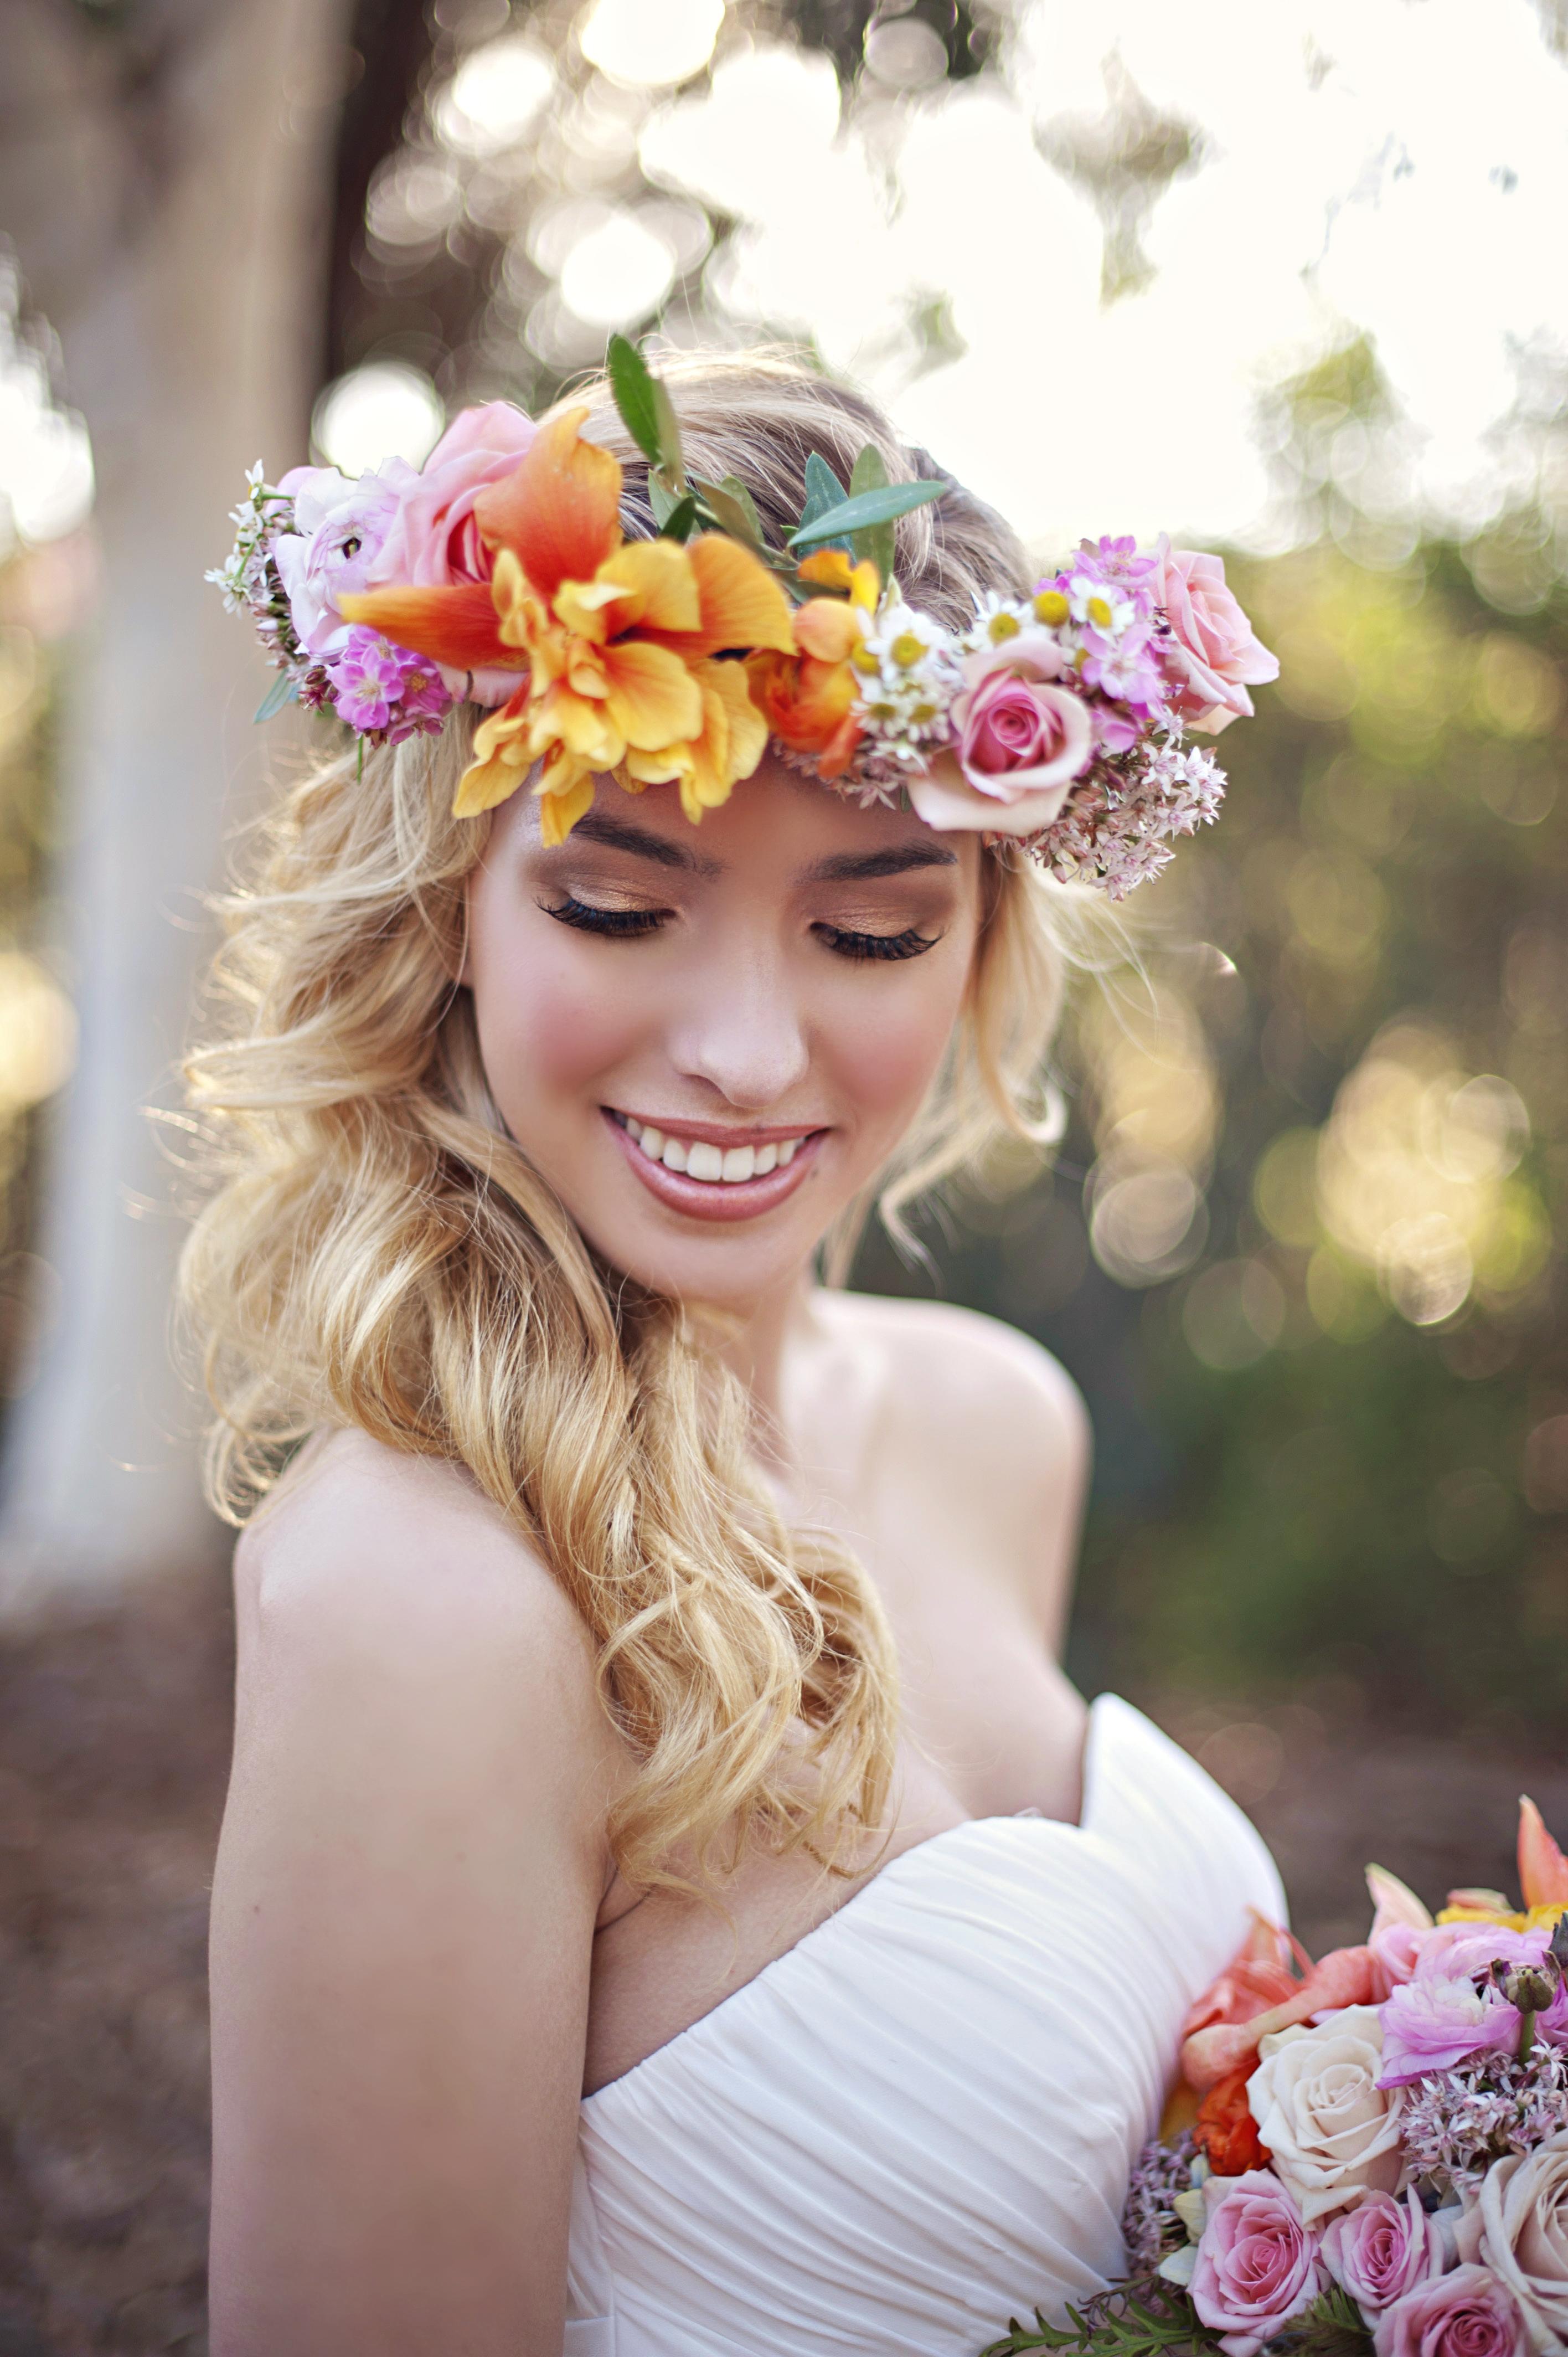 wedding flower ideas - flower crown for bride